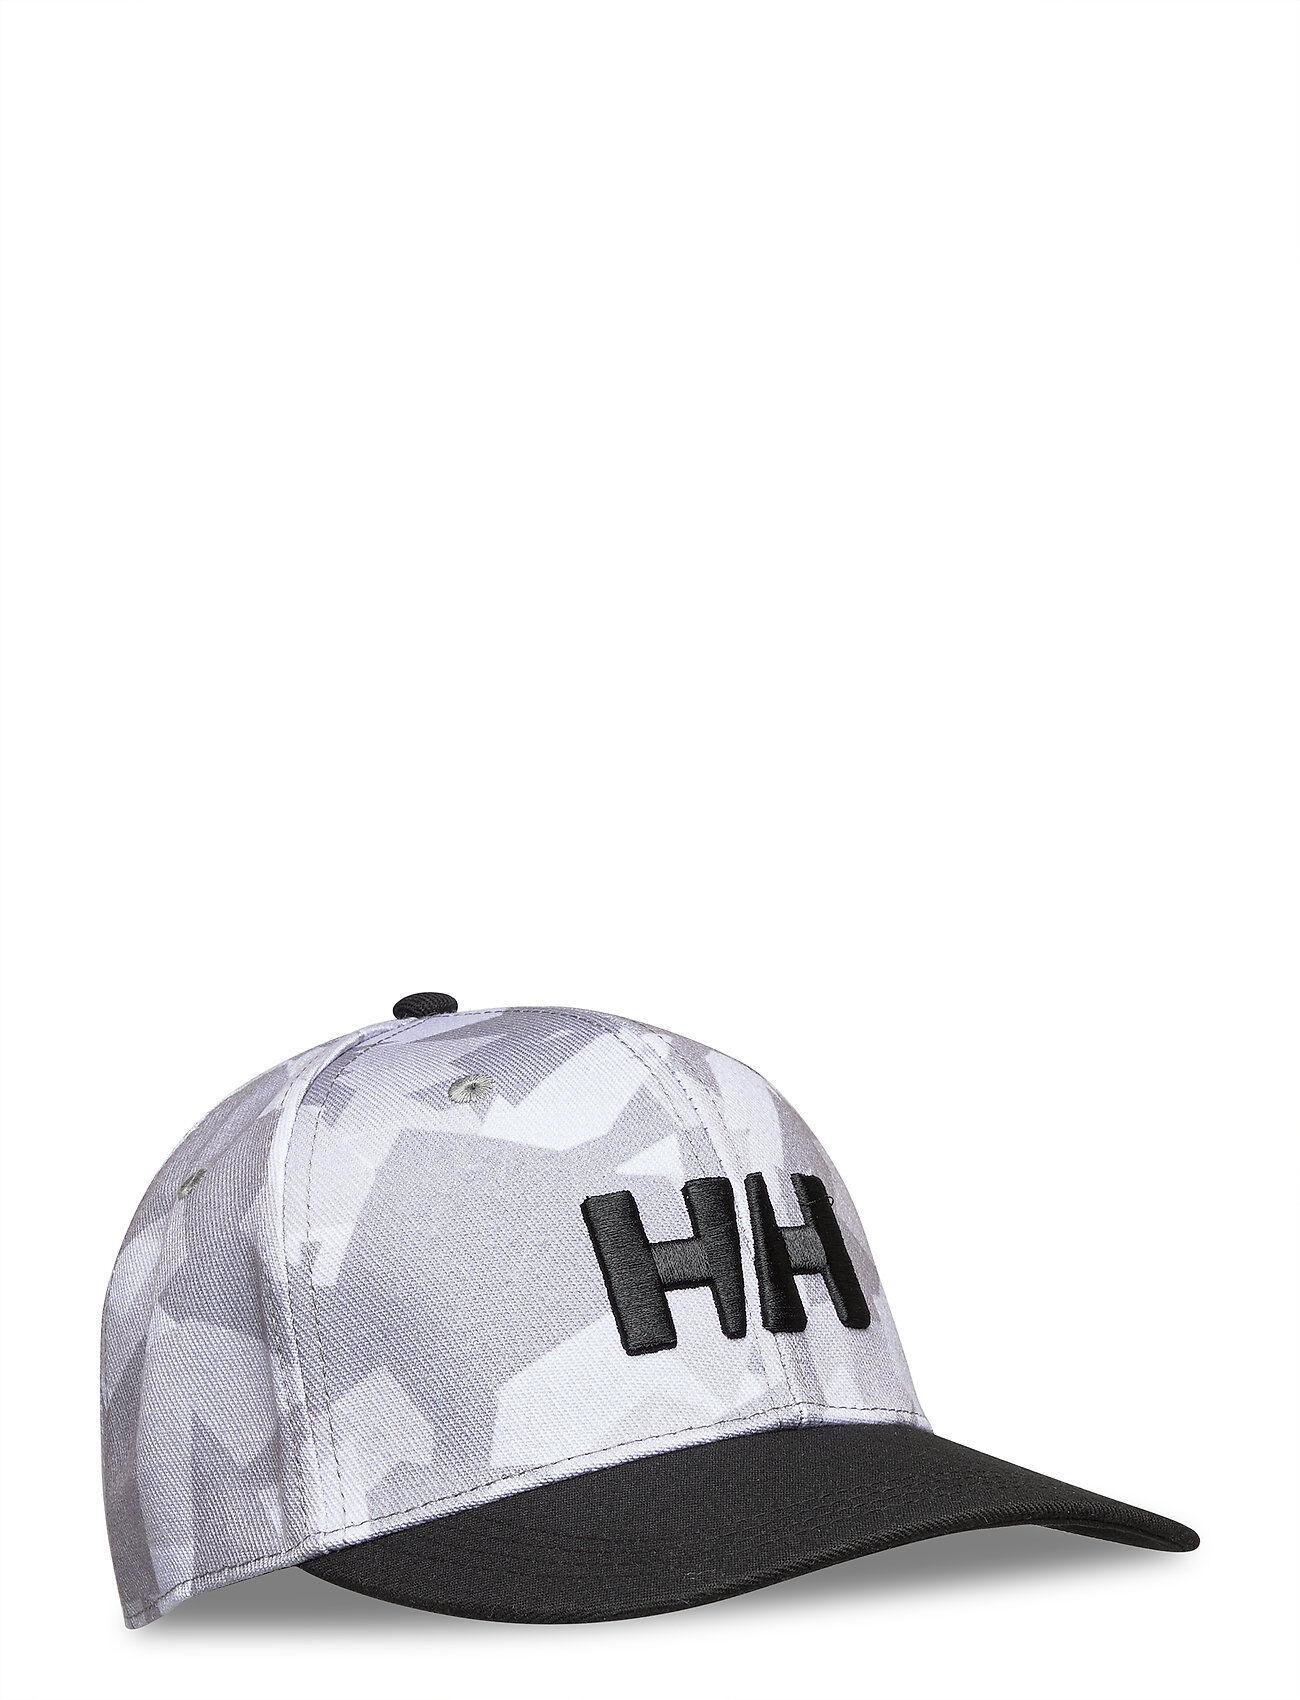 Helly Hansen Hh Brand Cap Accessories Headwear Caps Harmaa Helly Hansen